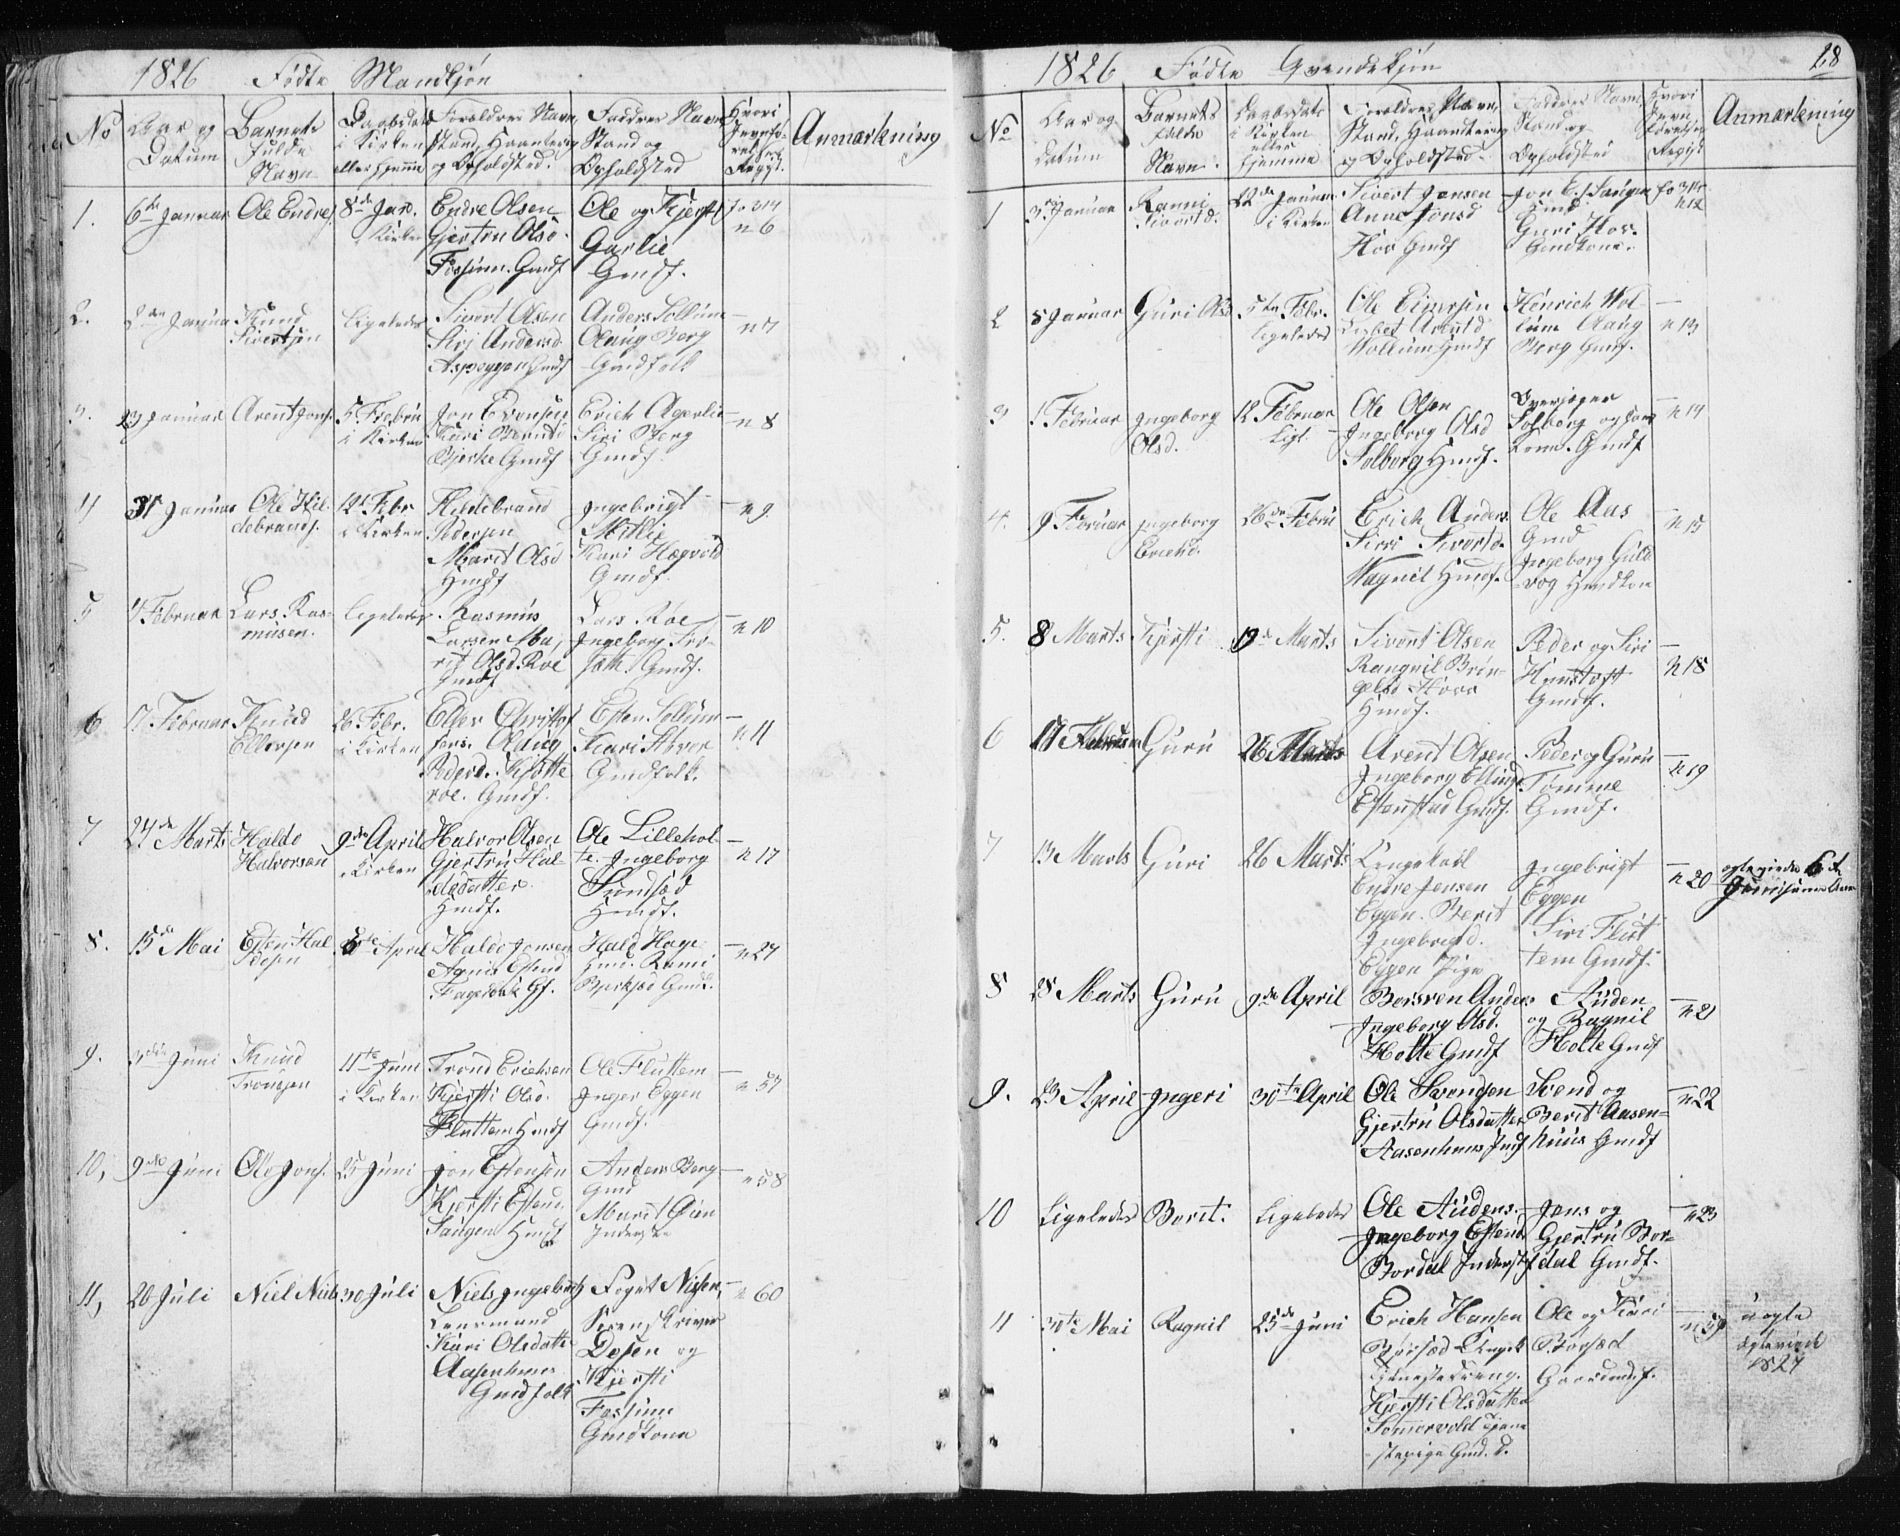 SAT, Ministerialprotokoller, klokkerbøker og fødselsregistre - Sør-Trøndelag, 689/L1043: Klokkerbok nr. 689C02, 1816-1892, s. 28